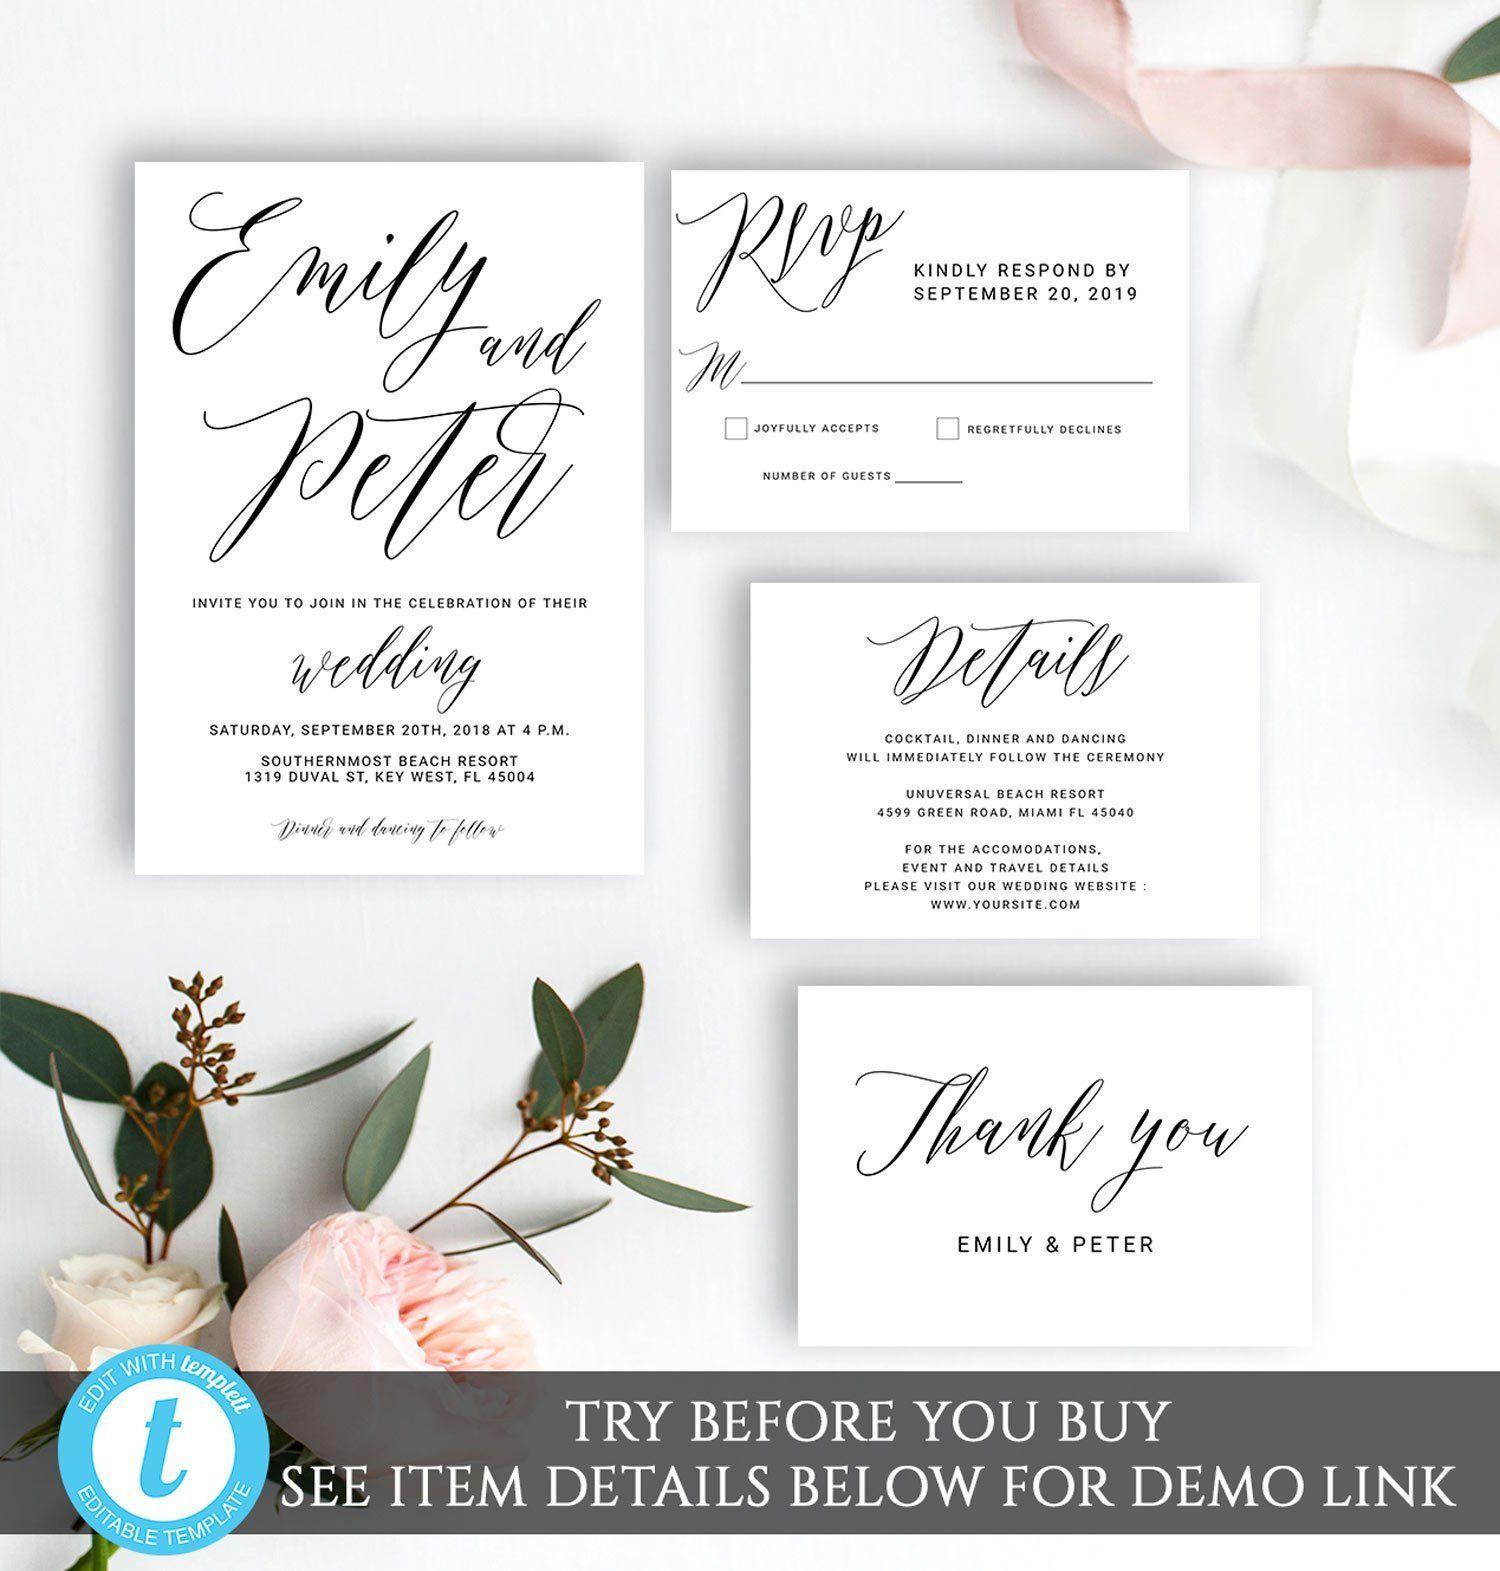 Wedding Invitation Set Template Editable Rustic Invitation Etsy Wedding Invitation Sets Simple Wedding Invitations Wedding Invitations